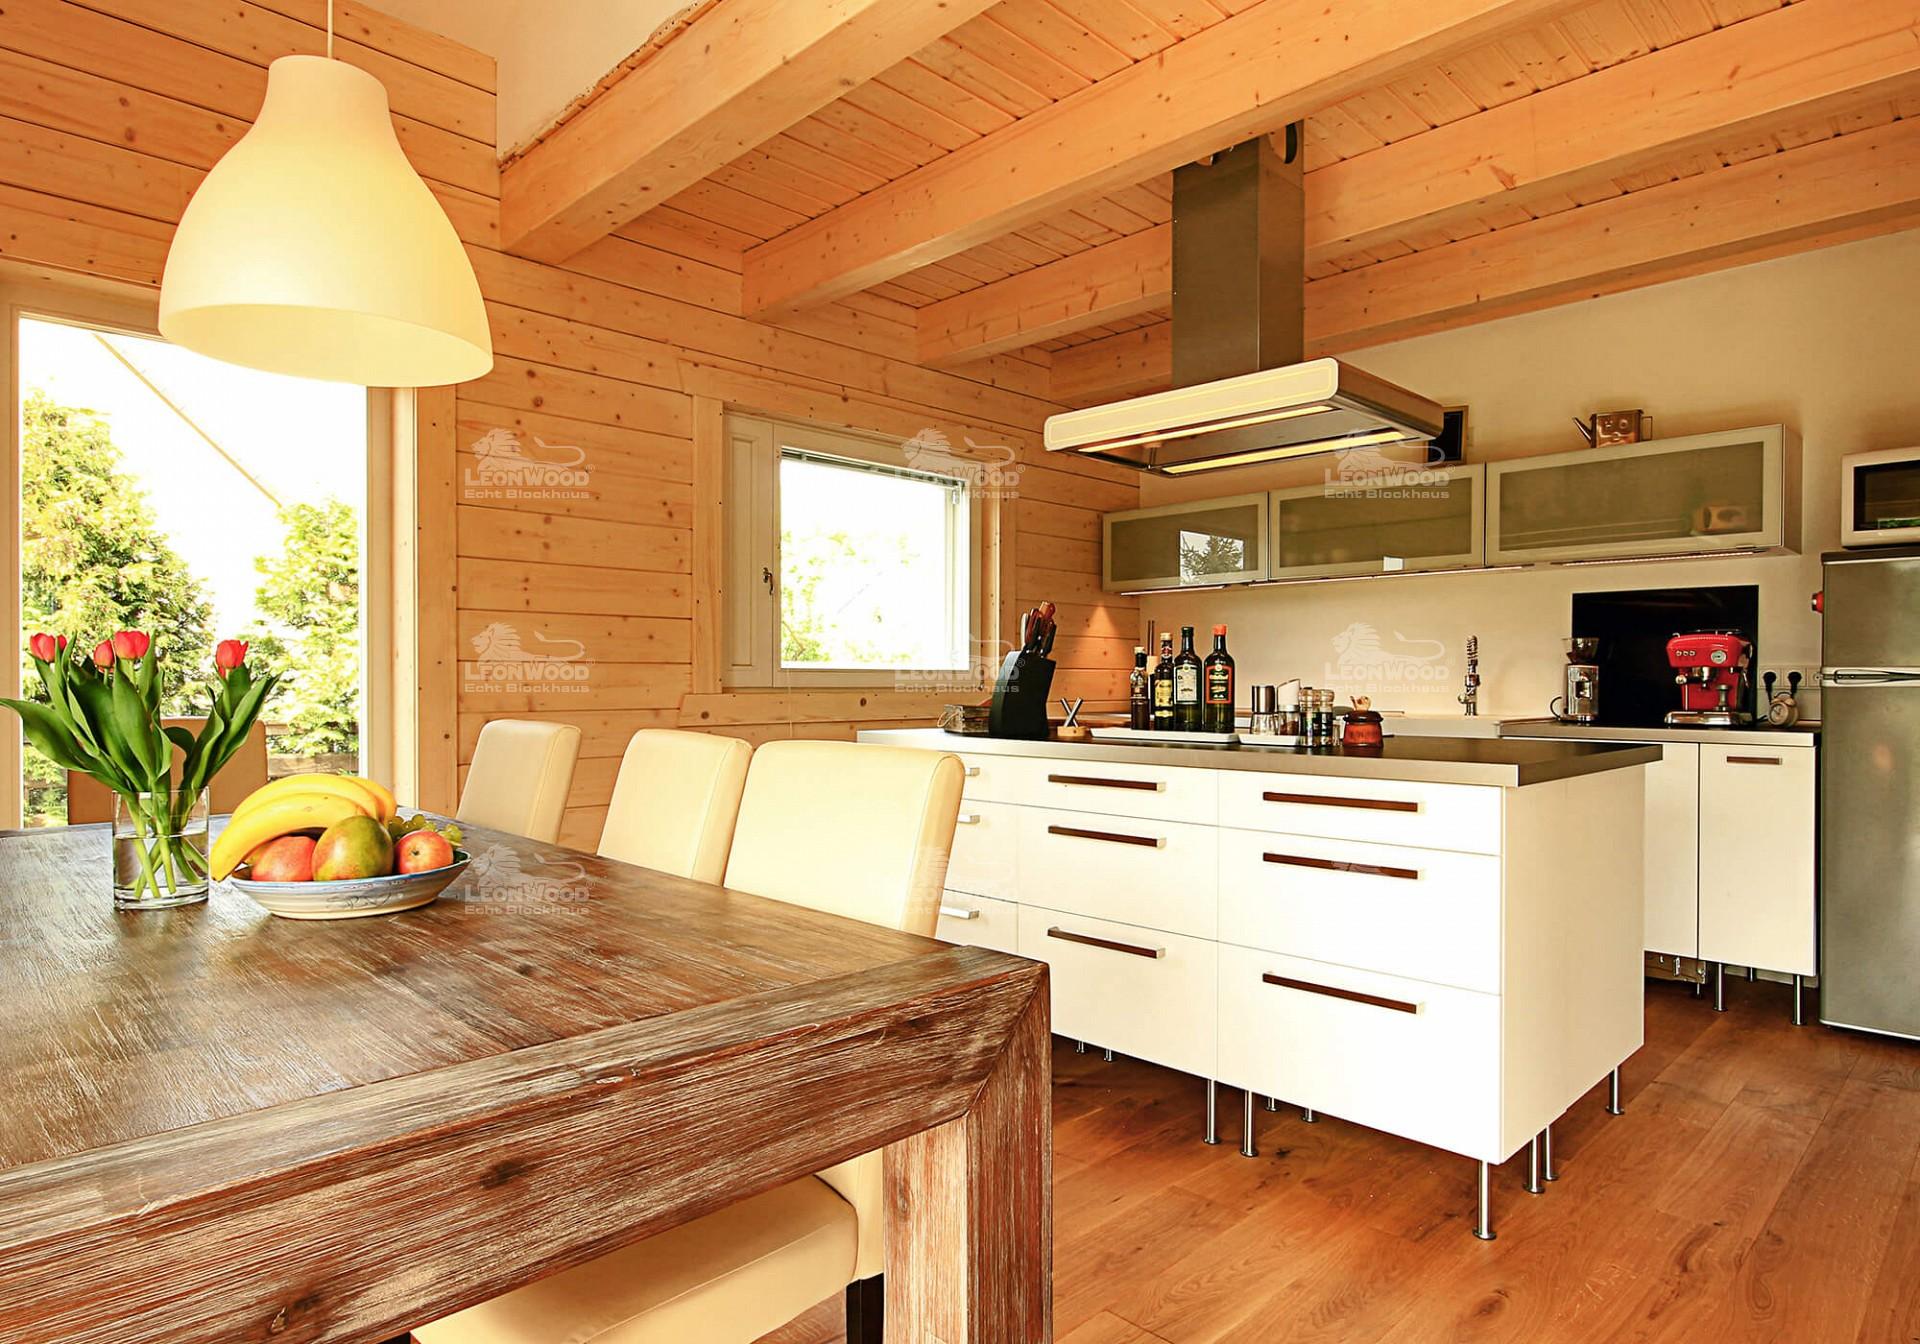 Fantastisch Bilder Von Blockhaus Küchen Fotos - Küche Set Ideen ...